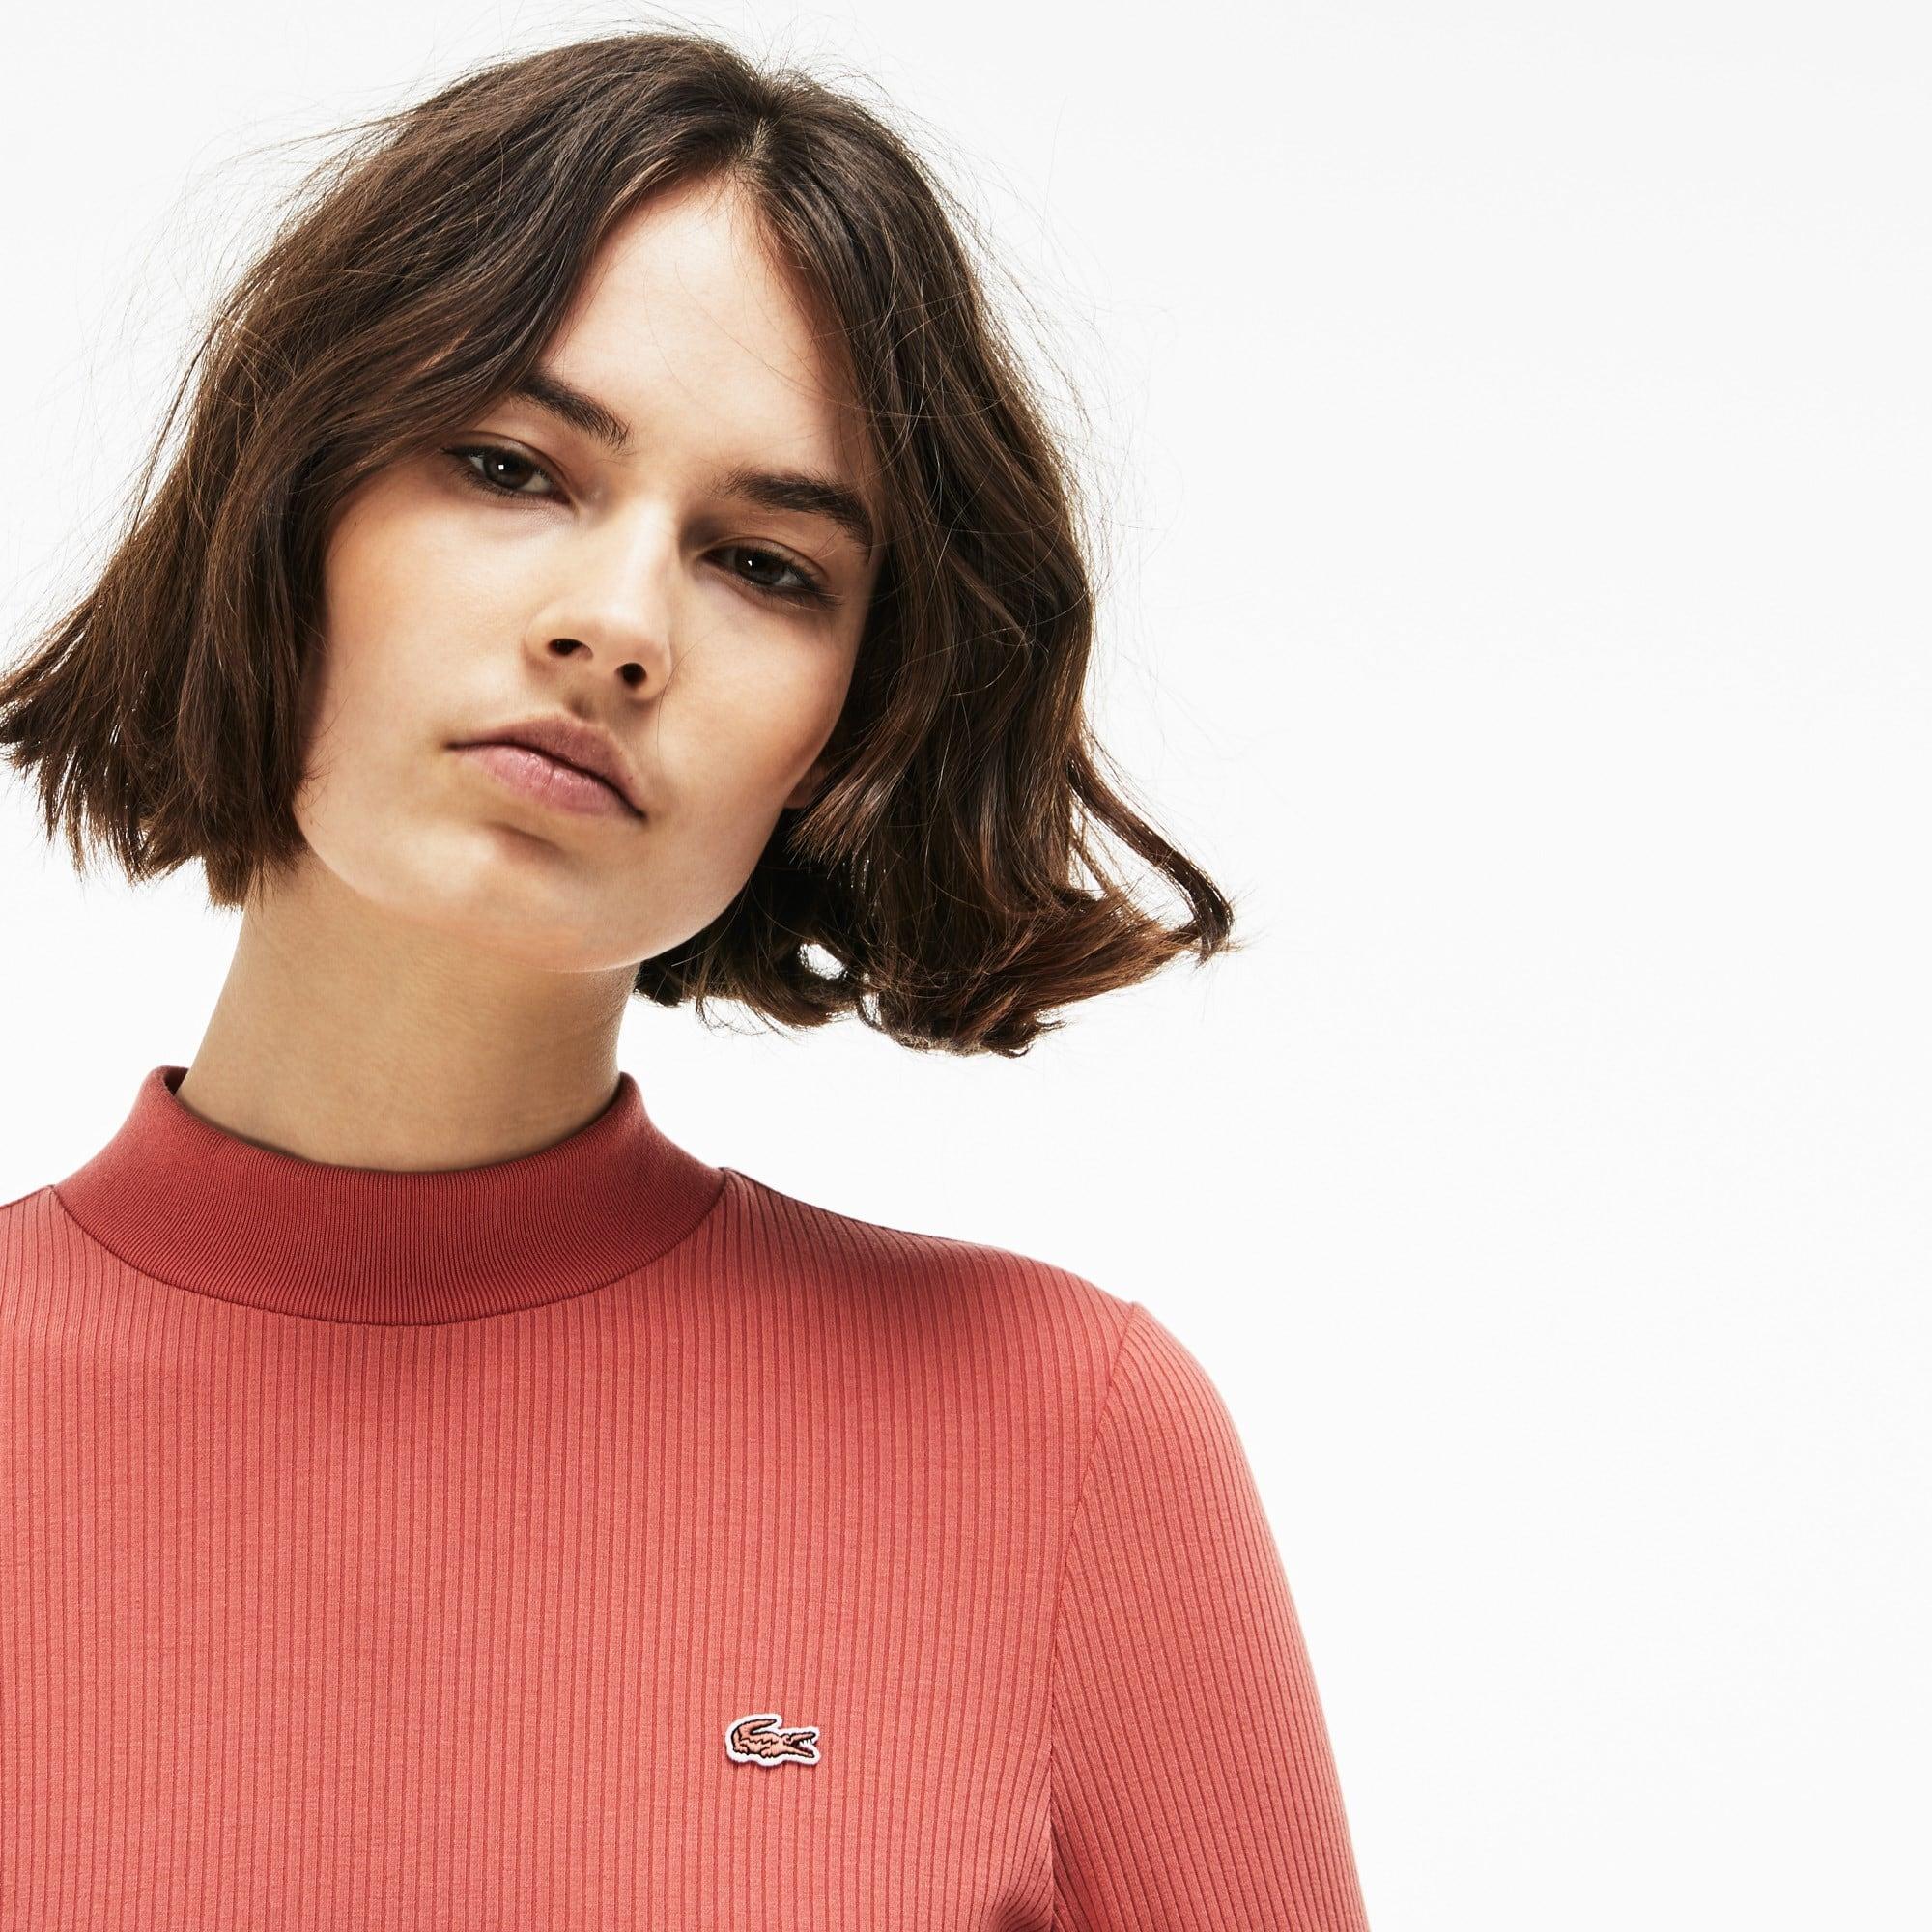 T-shirt con collo a listino e maniche lunghe Lacoste LIVE in cotone a costine